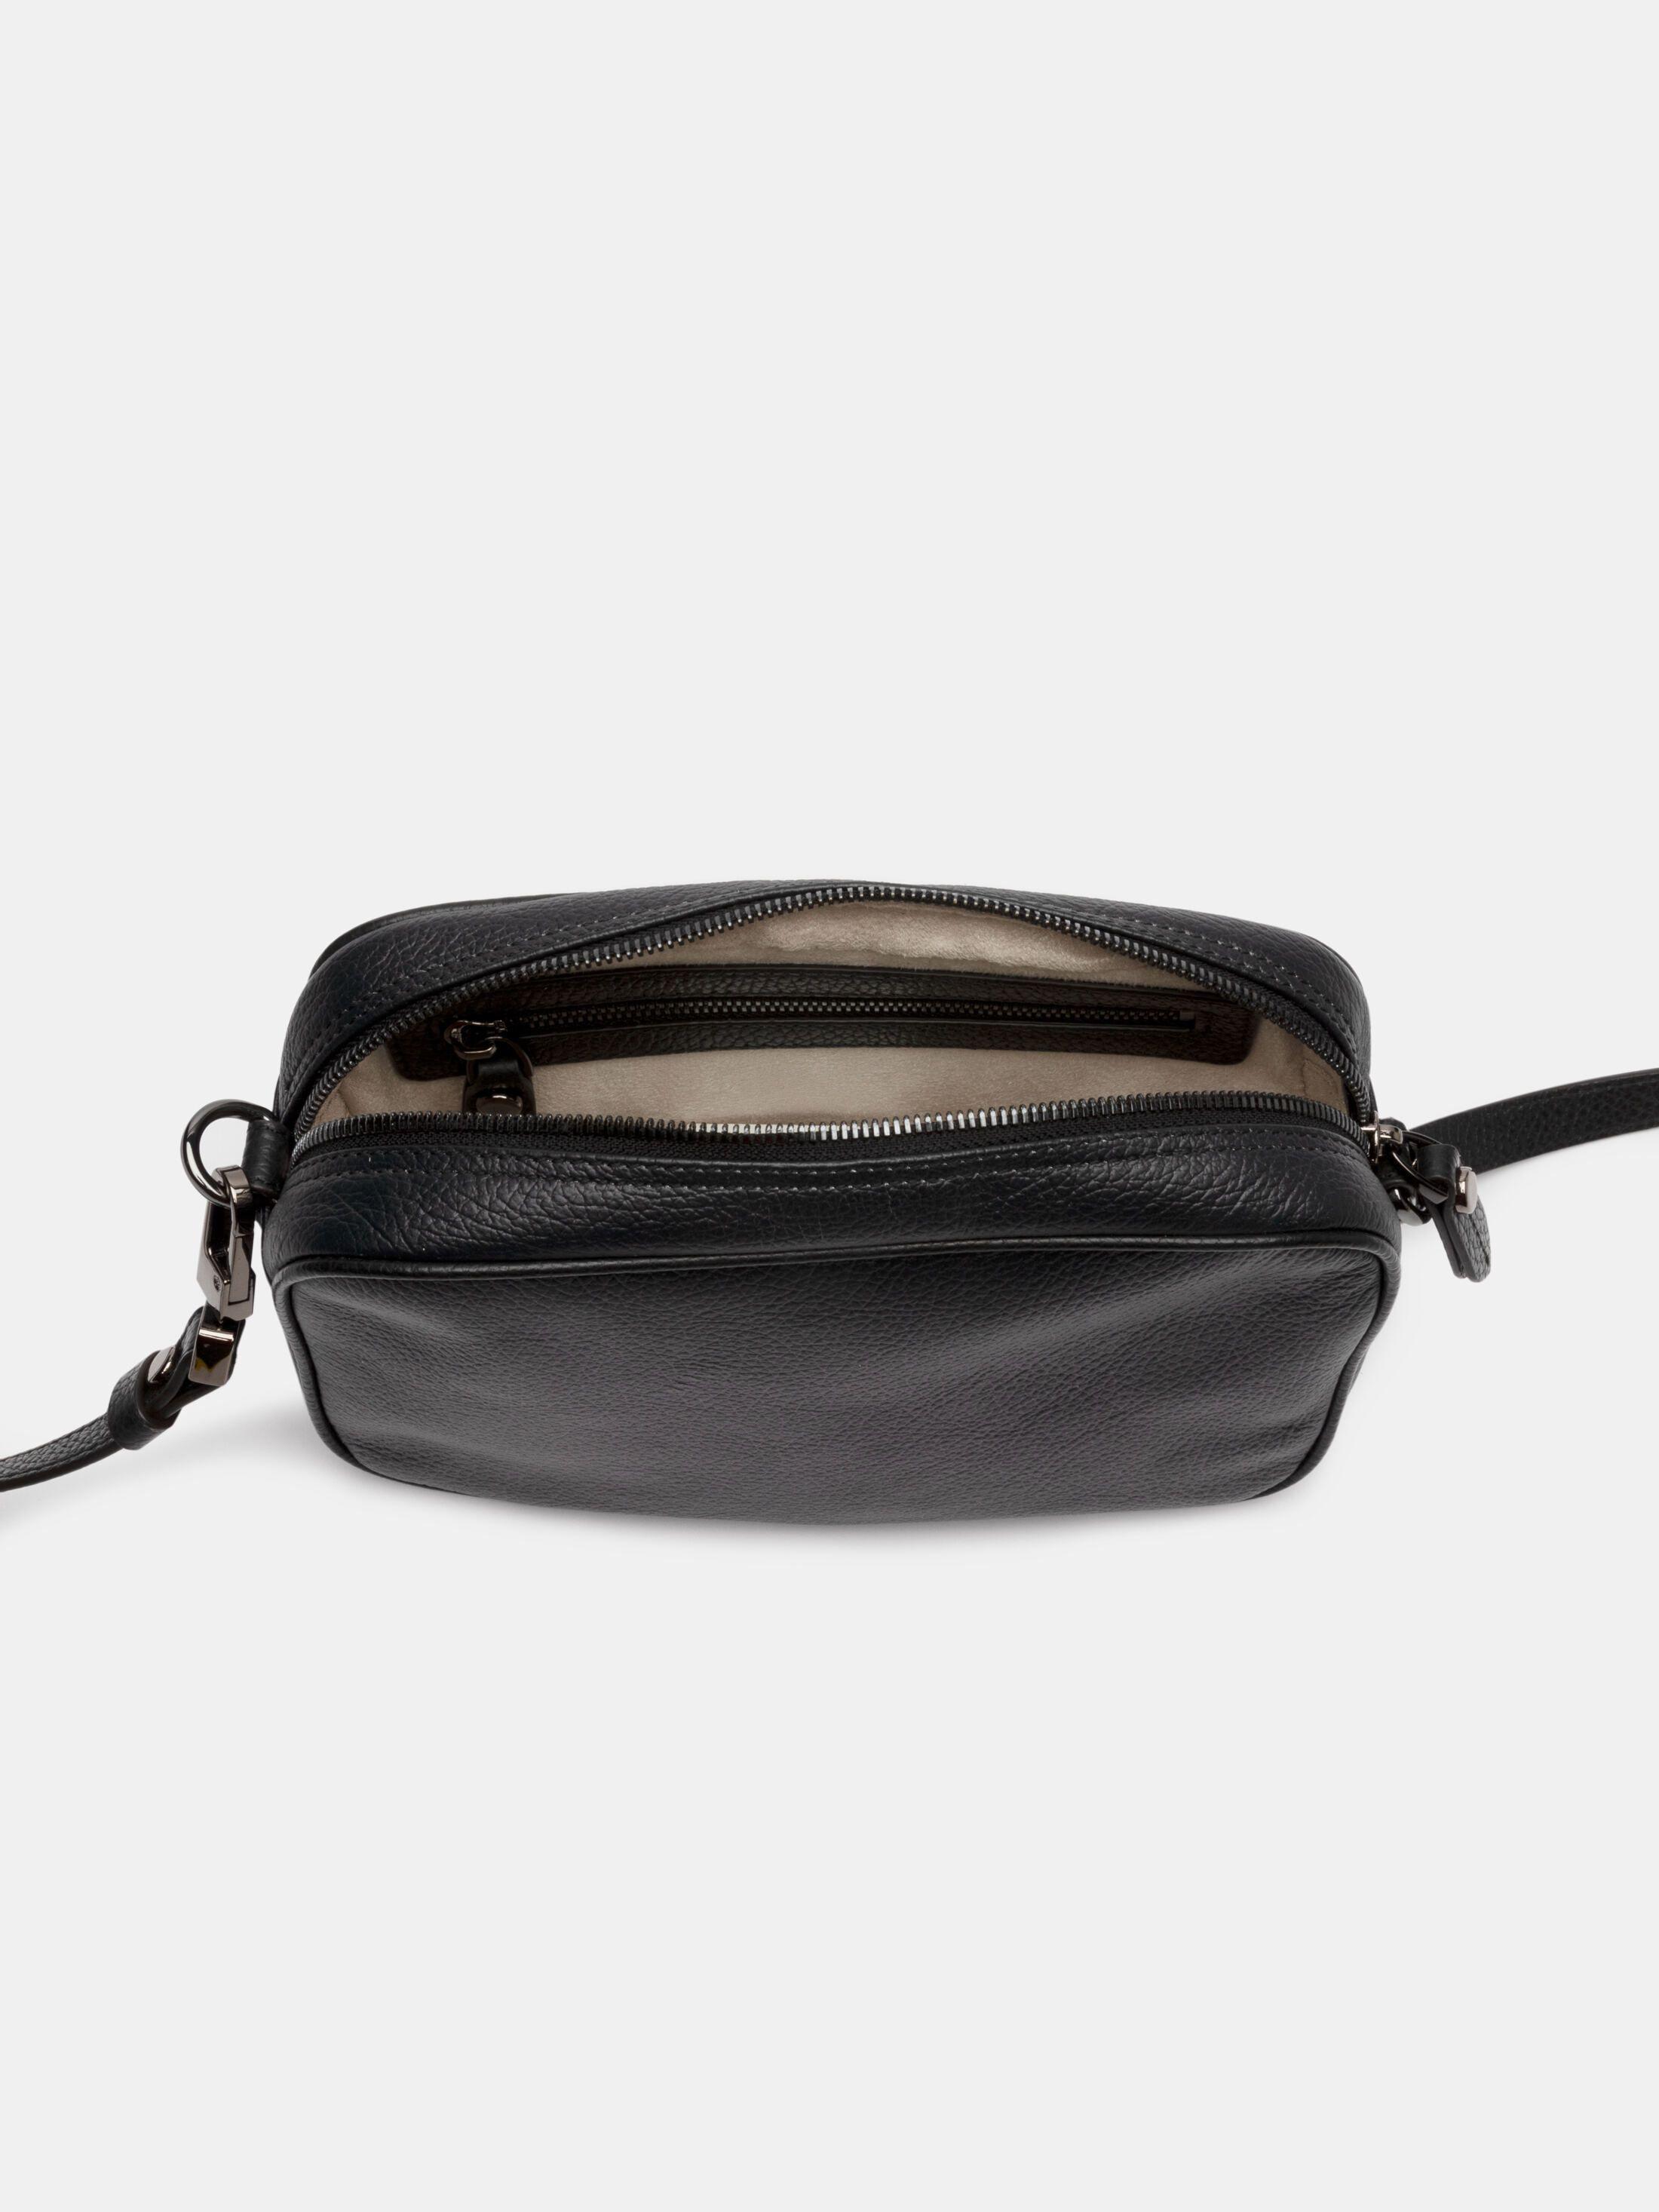 custom camera bag inner lining detail